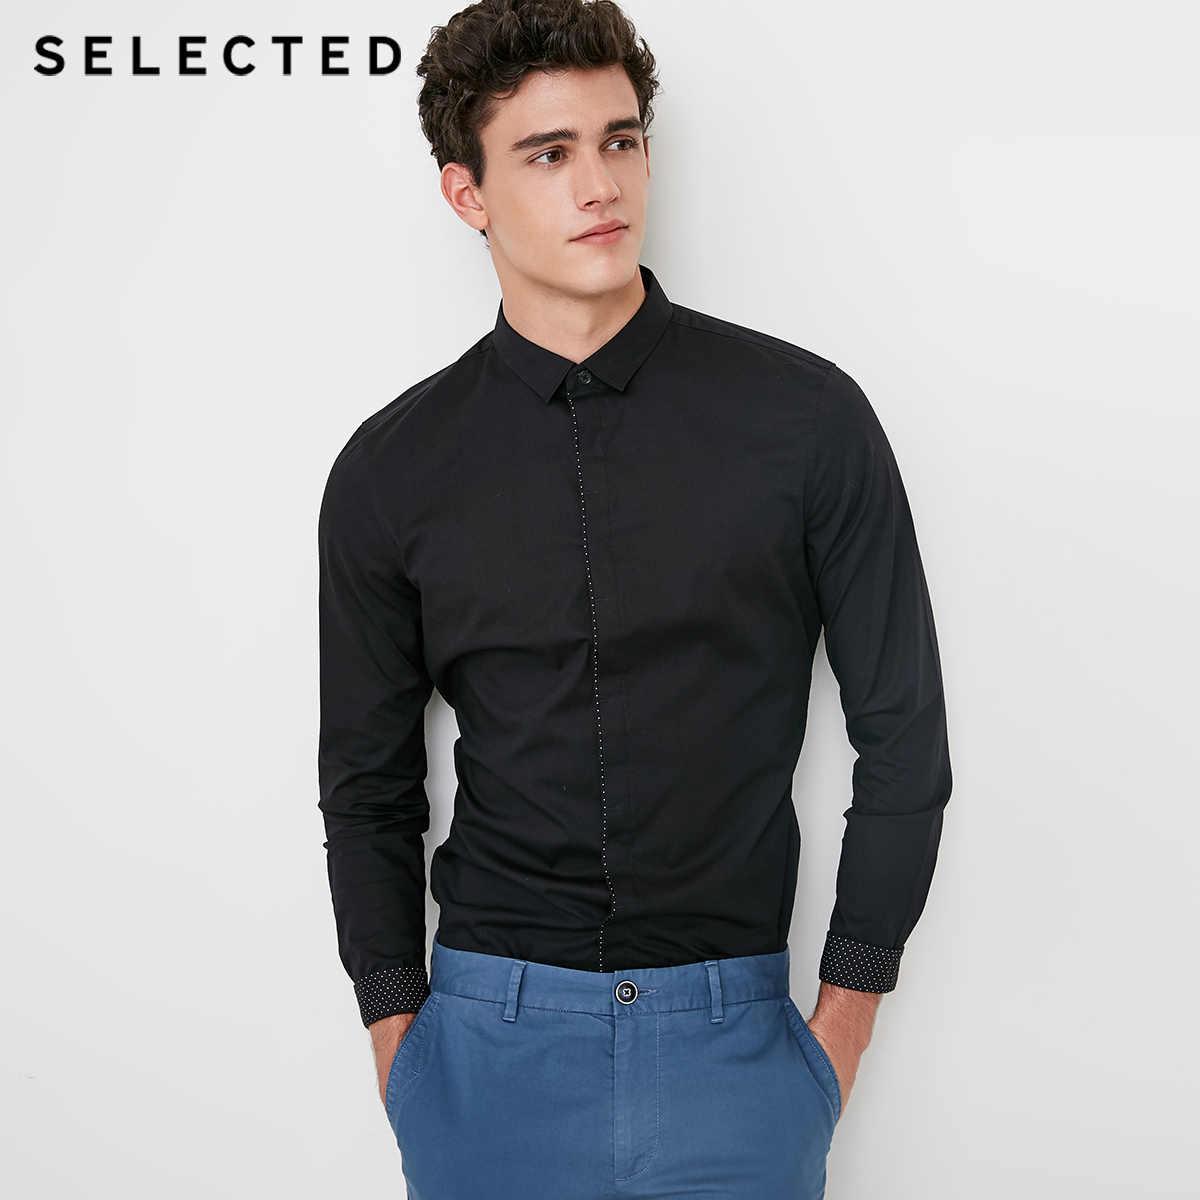 Выбранный новый человек хлопок microprojectile Тонкий Бизнес Повседневная рубашка с длинными рукавами S | 418305531